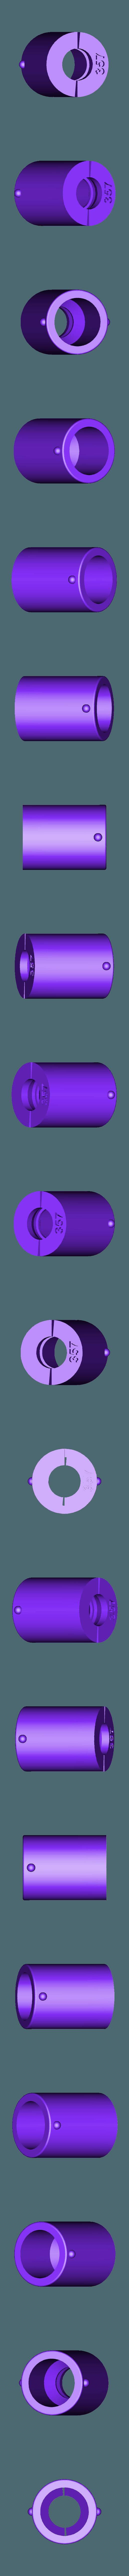 insert.357magnum.simple.stl Download free STL file Bullet puller • 3D printable design, LionFox